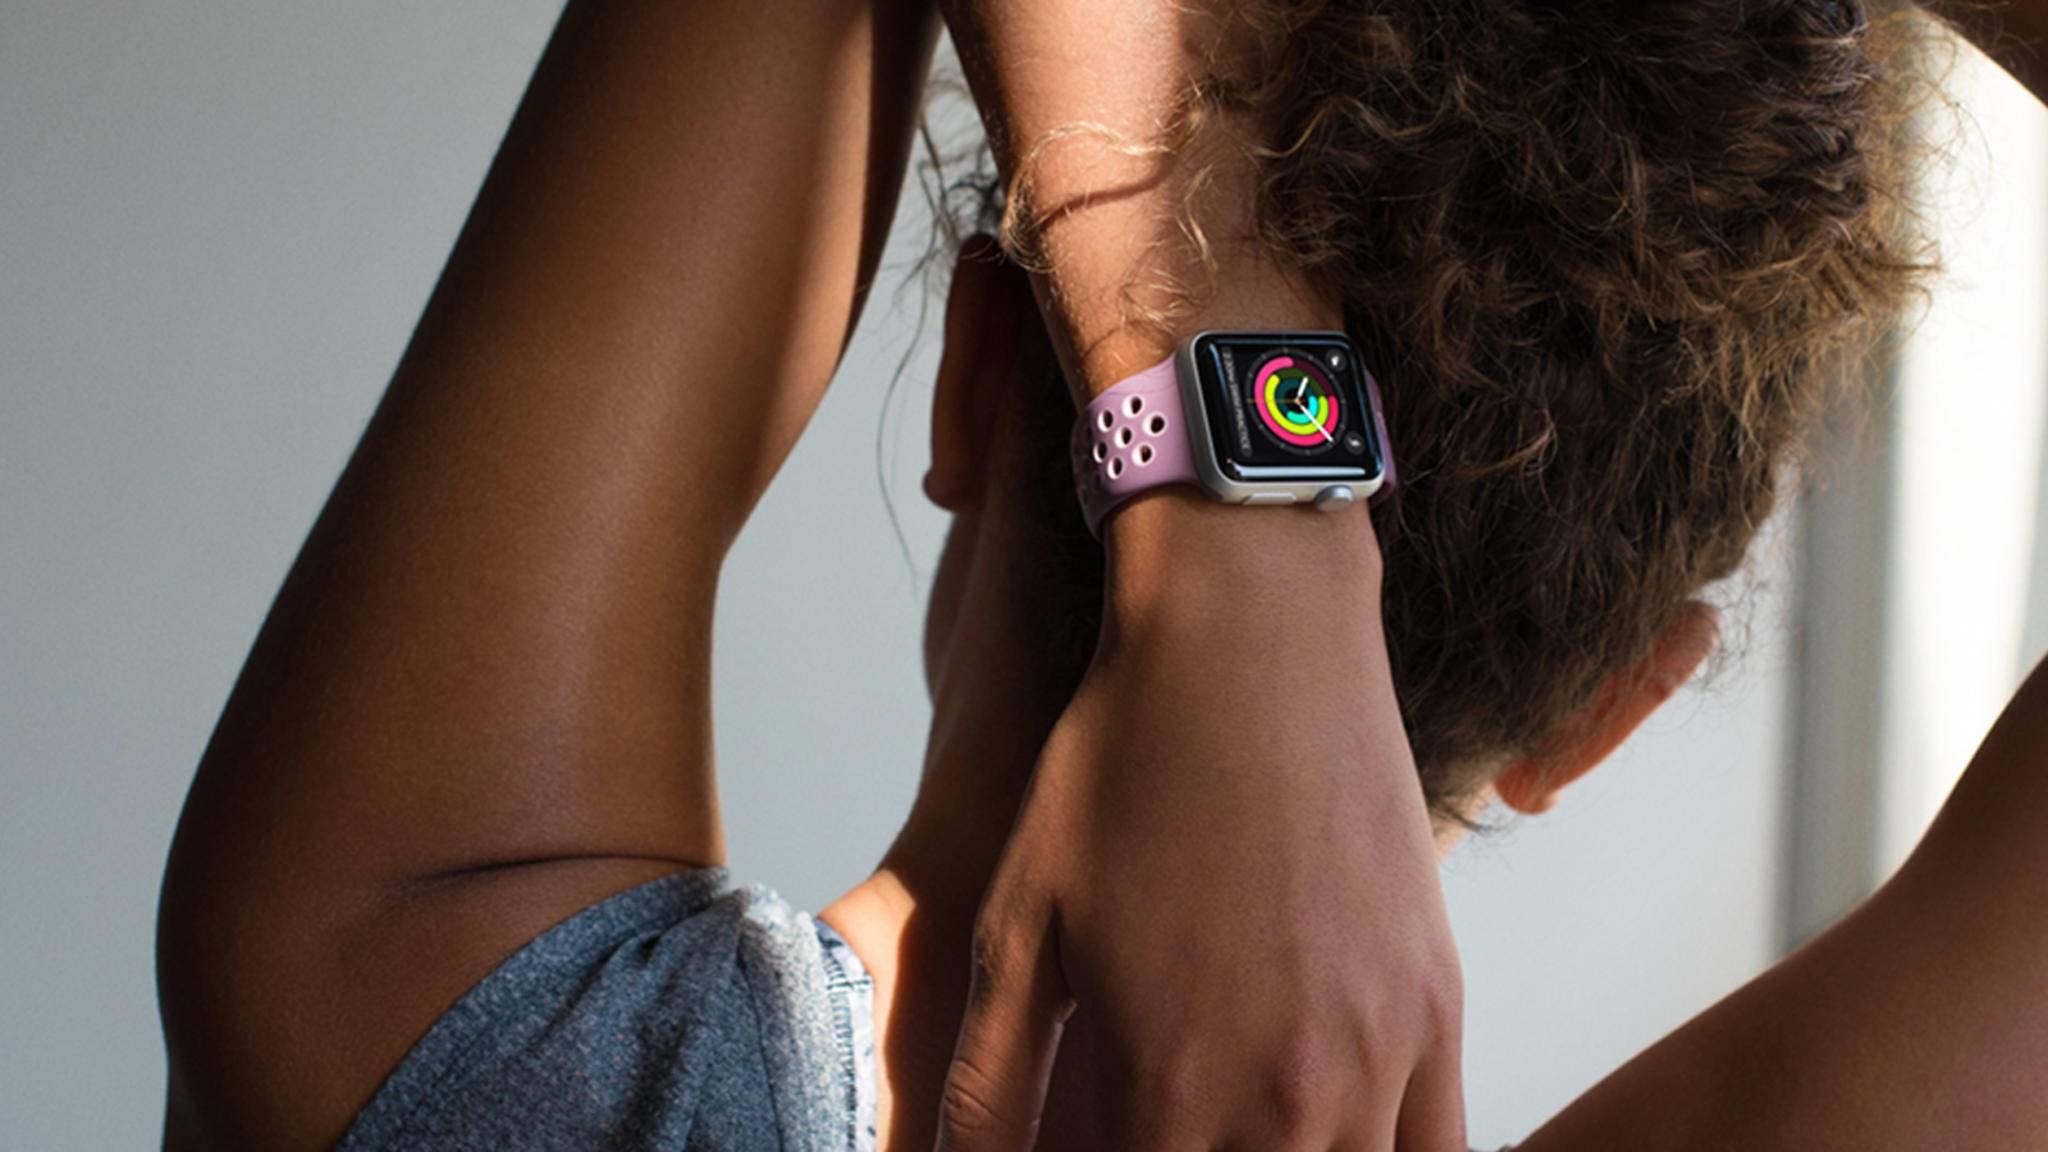 Trackt die Apple Watch künftig nicht nur Kalorien, sondern auch schädliche Gase?